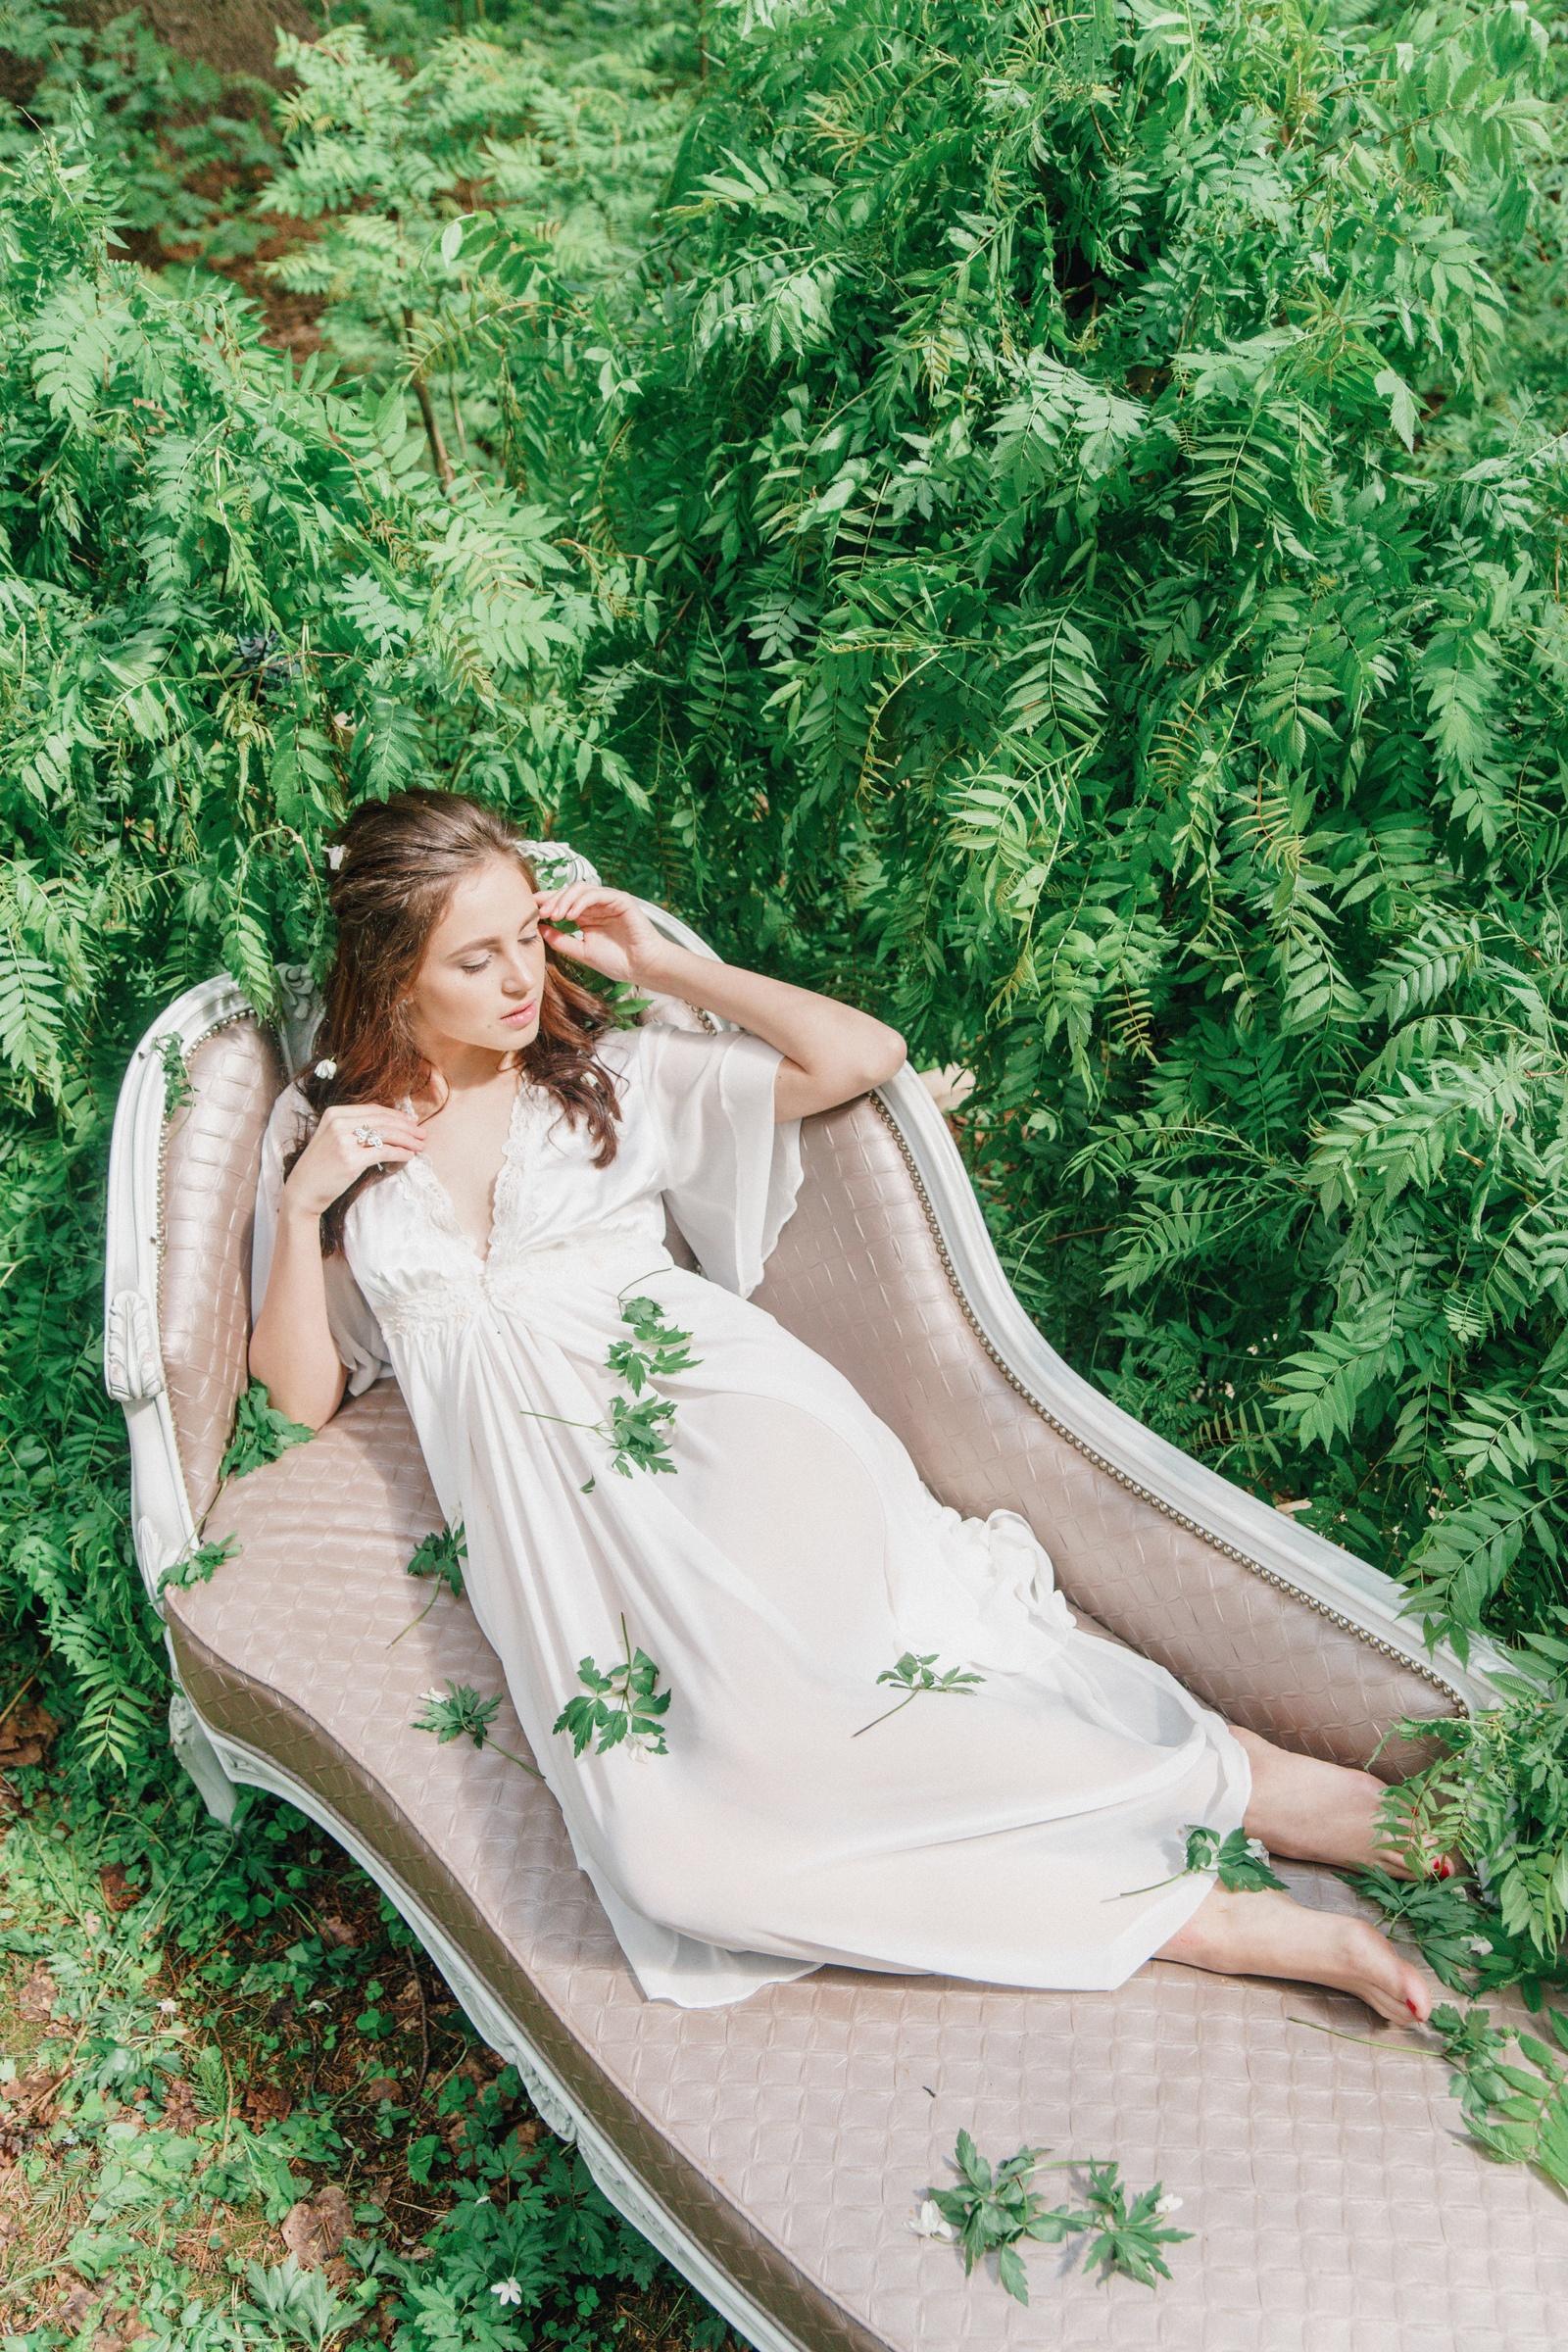 Спящая красавица: стилизованная фотосессия